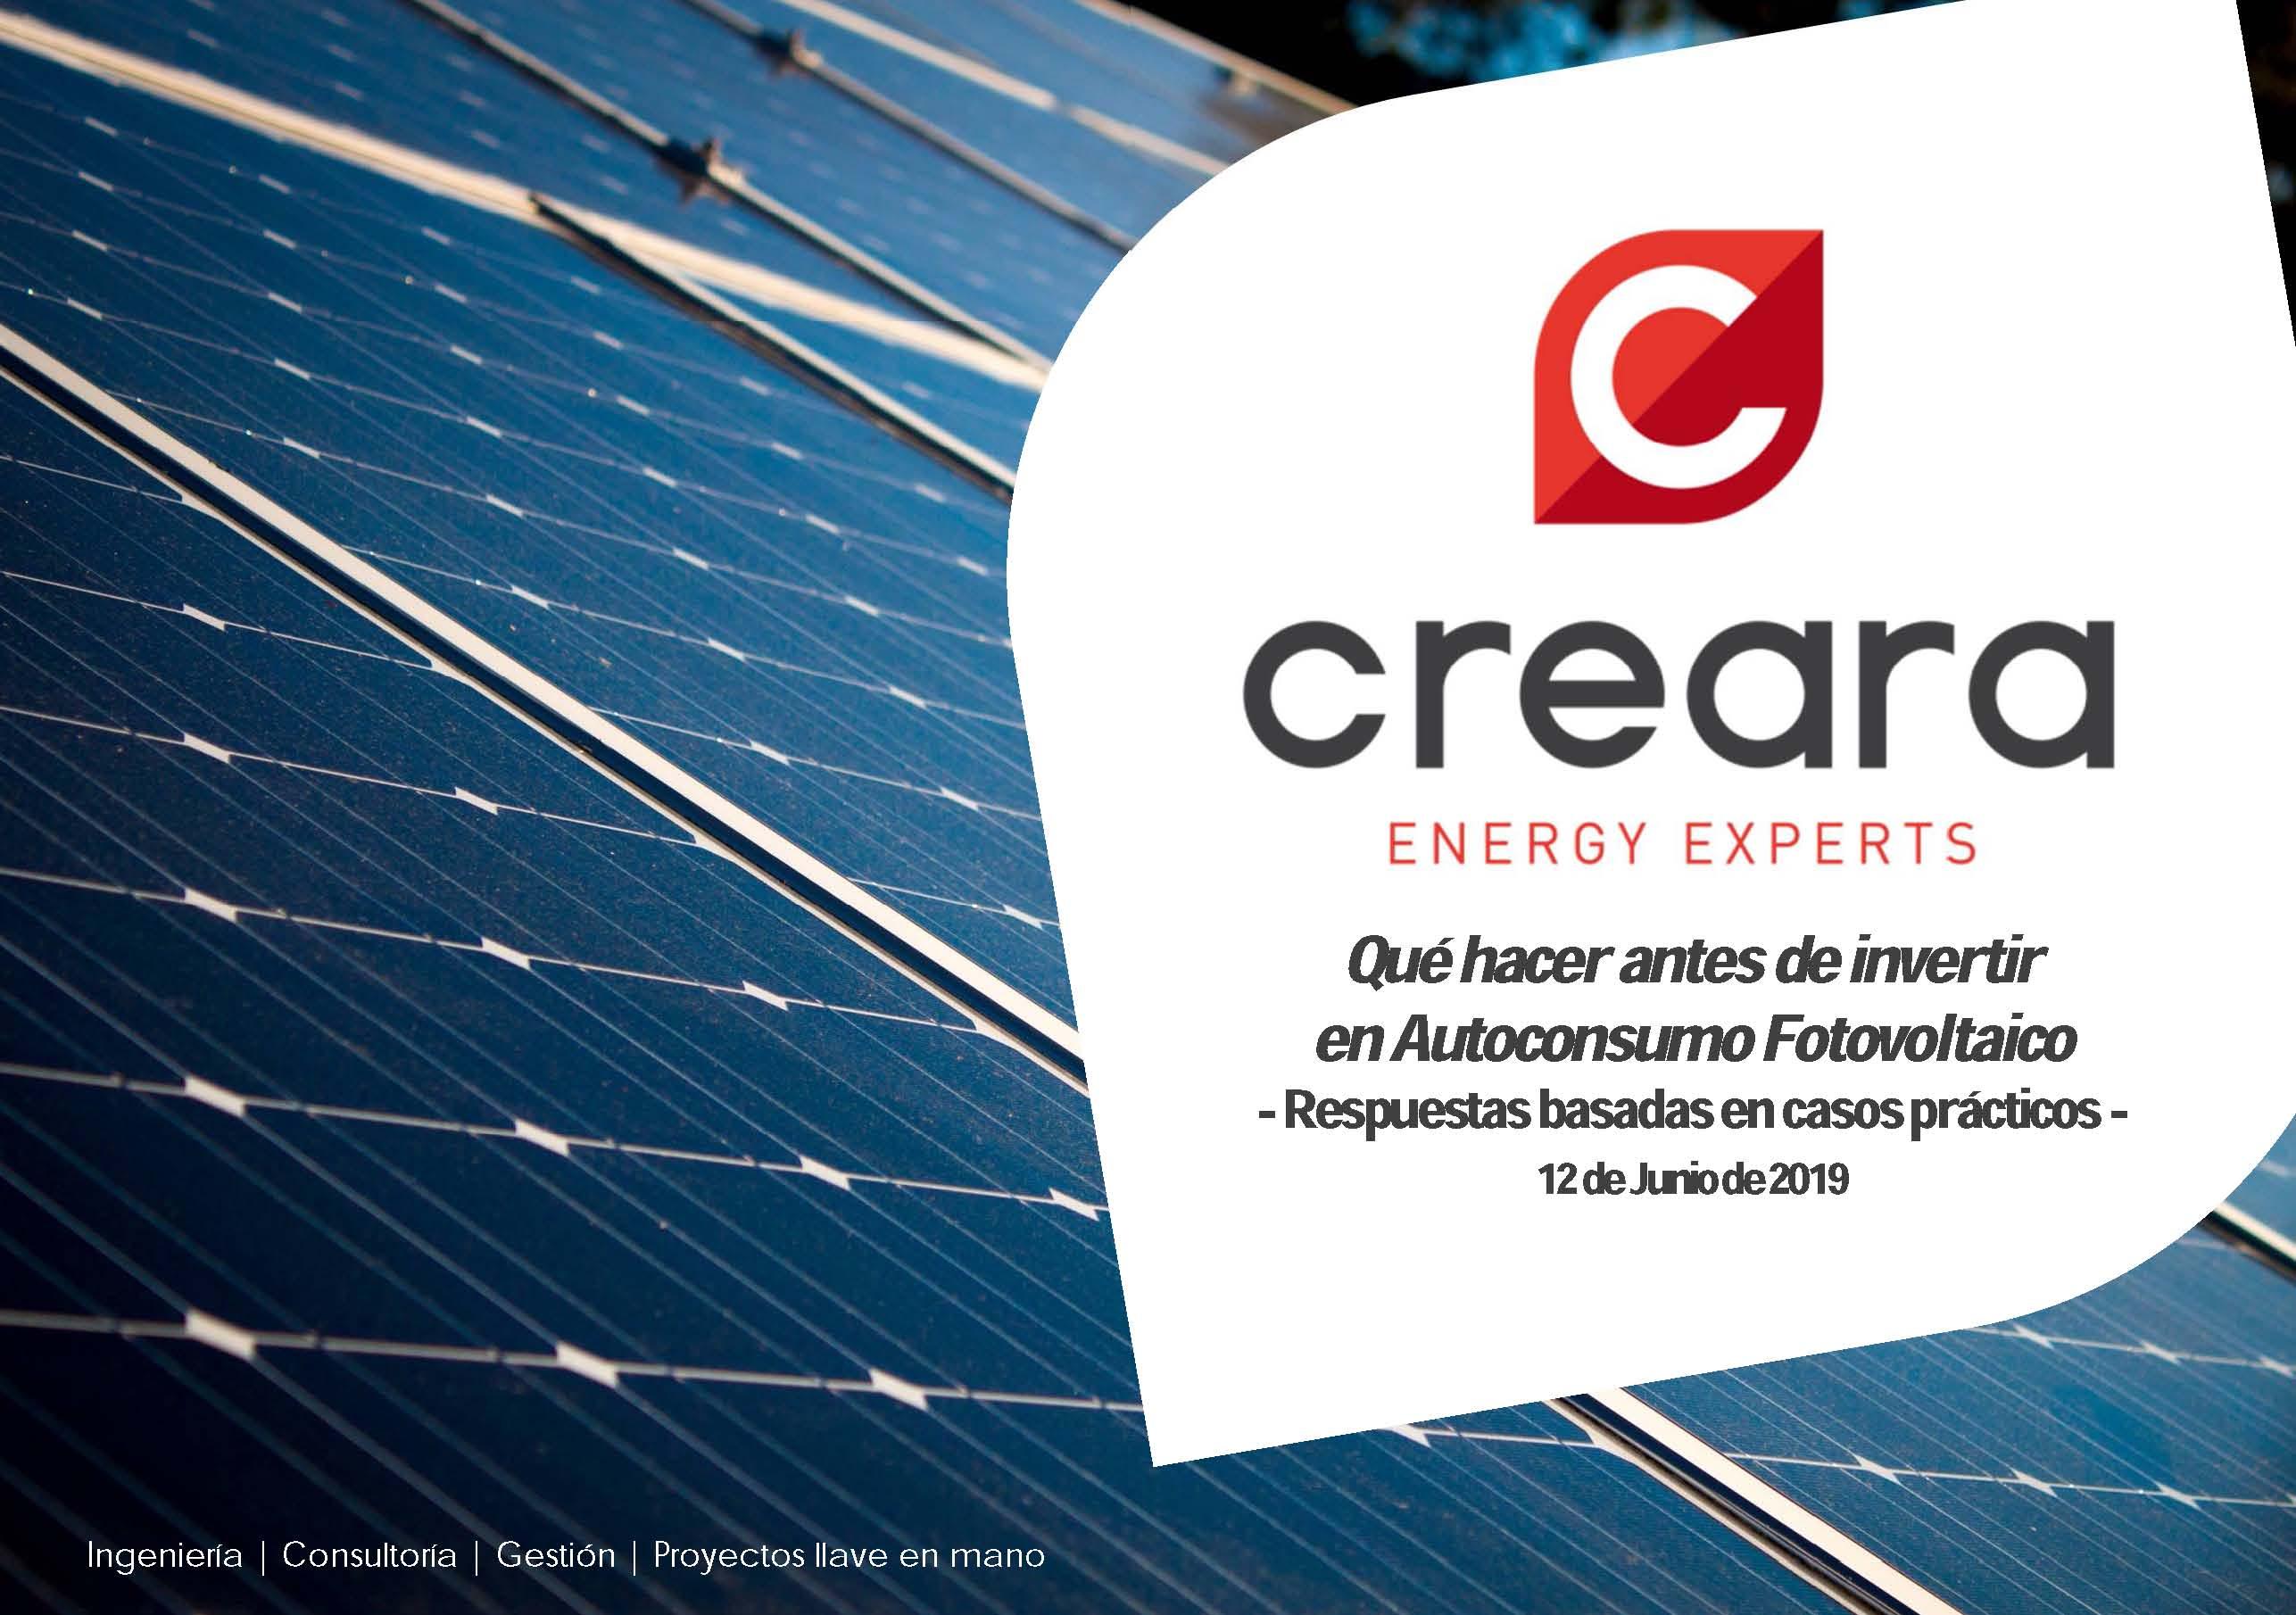 Qué hacer antes de invertir en Autoconsumo Fotovoltaico -Respuestas basadas en casos prácticos